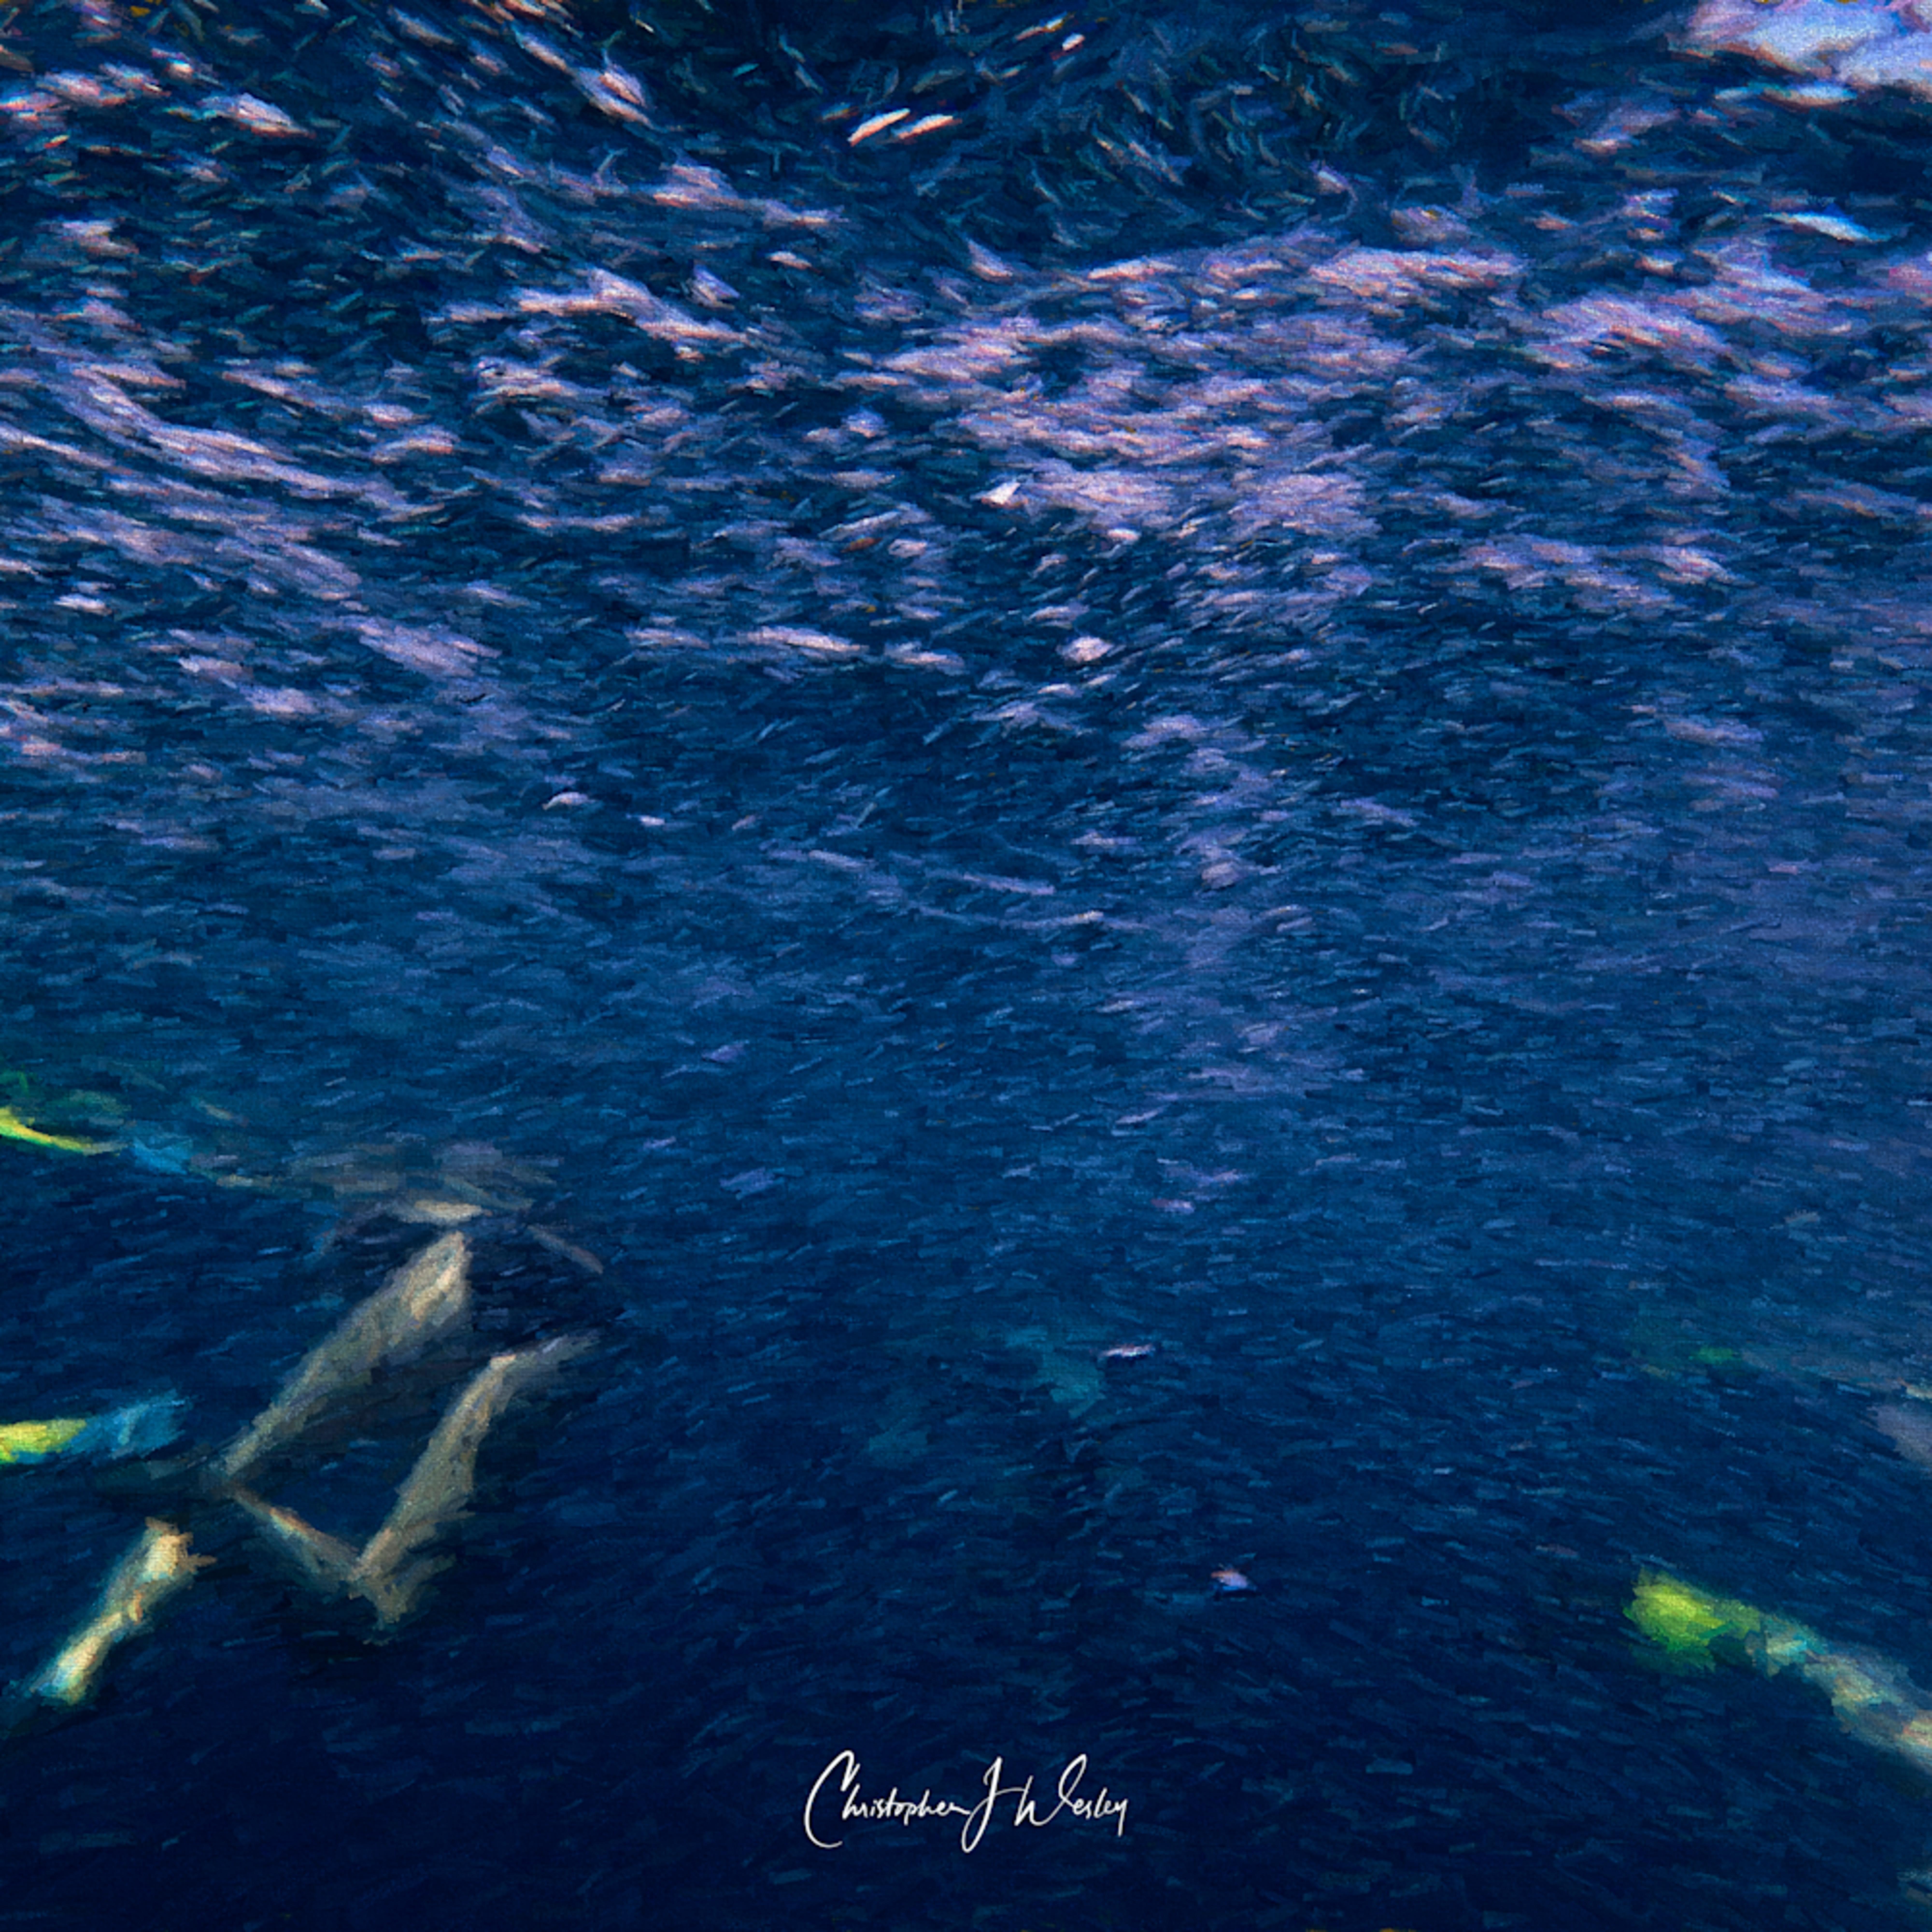 Sea horseplay fihxlv